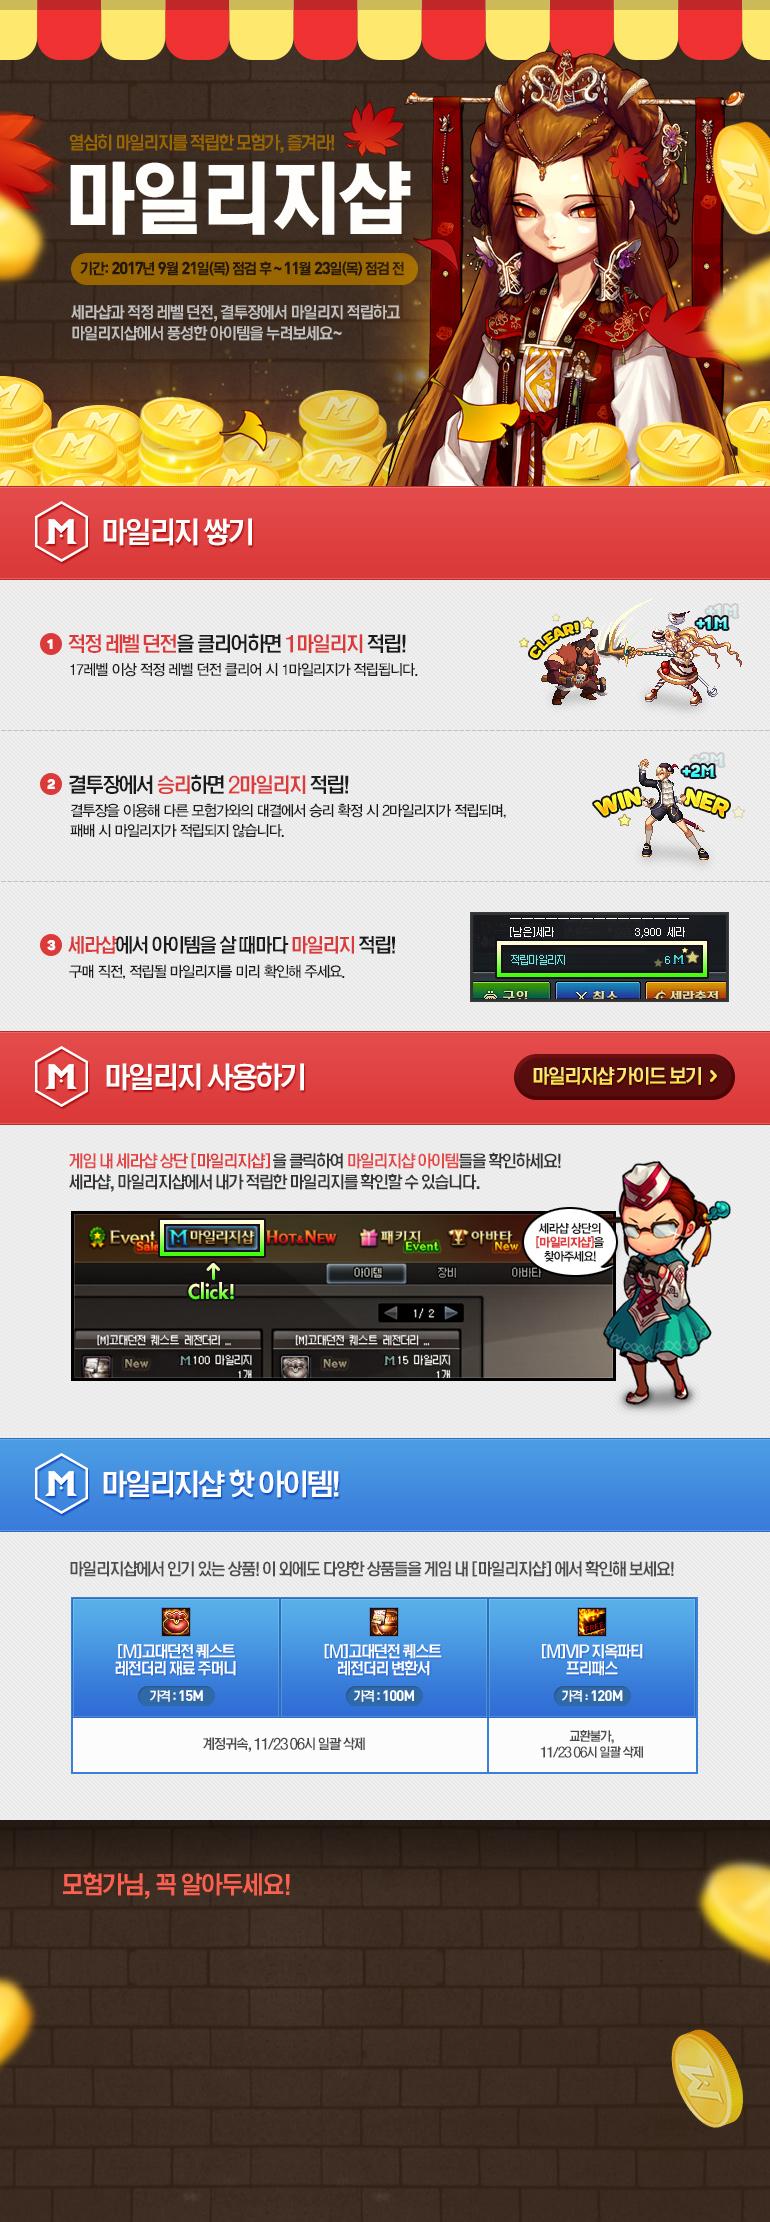 마일리지샵 기간: 2017년 9월 21일(목) 점검 후 ~ 11월 23일(목) 점검 전